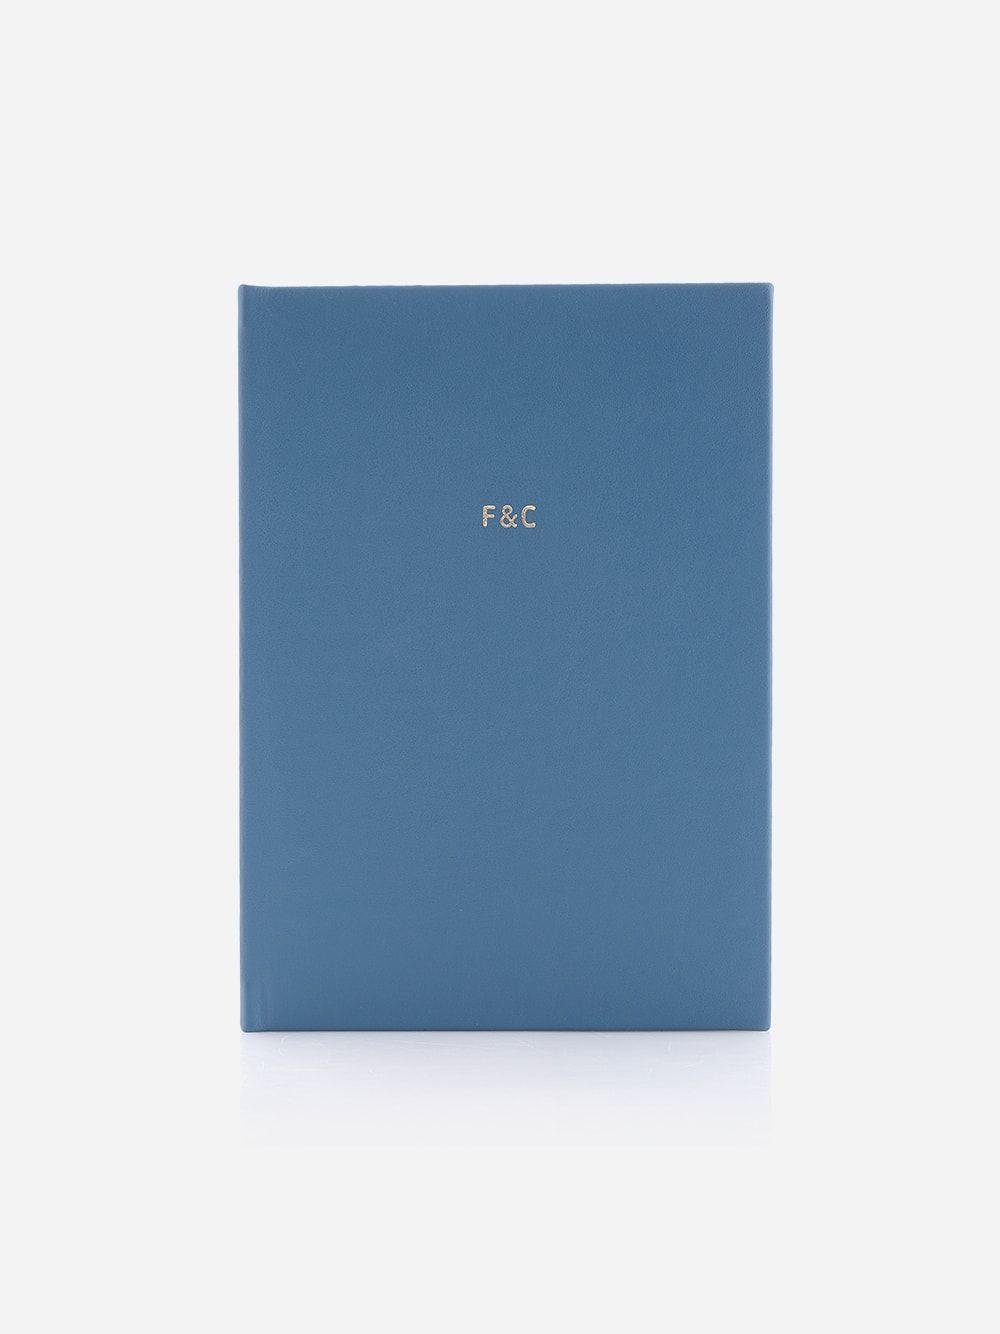 Caskata Notebook   Fine & Candy